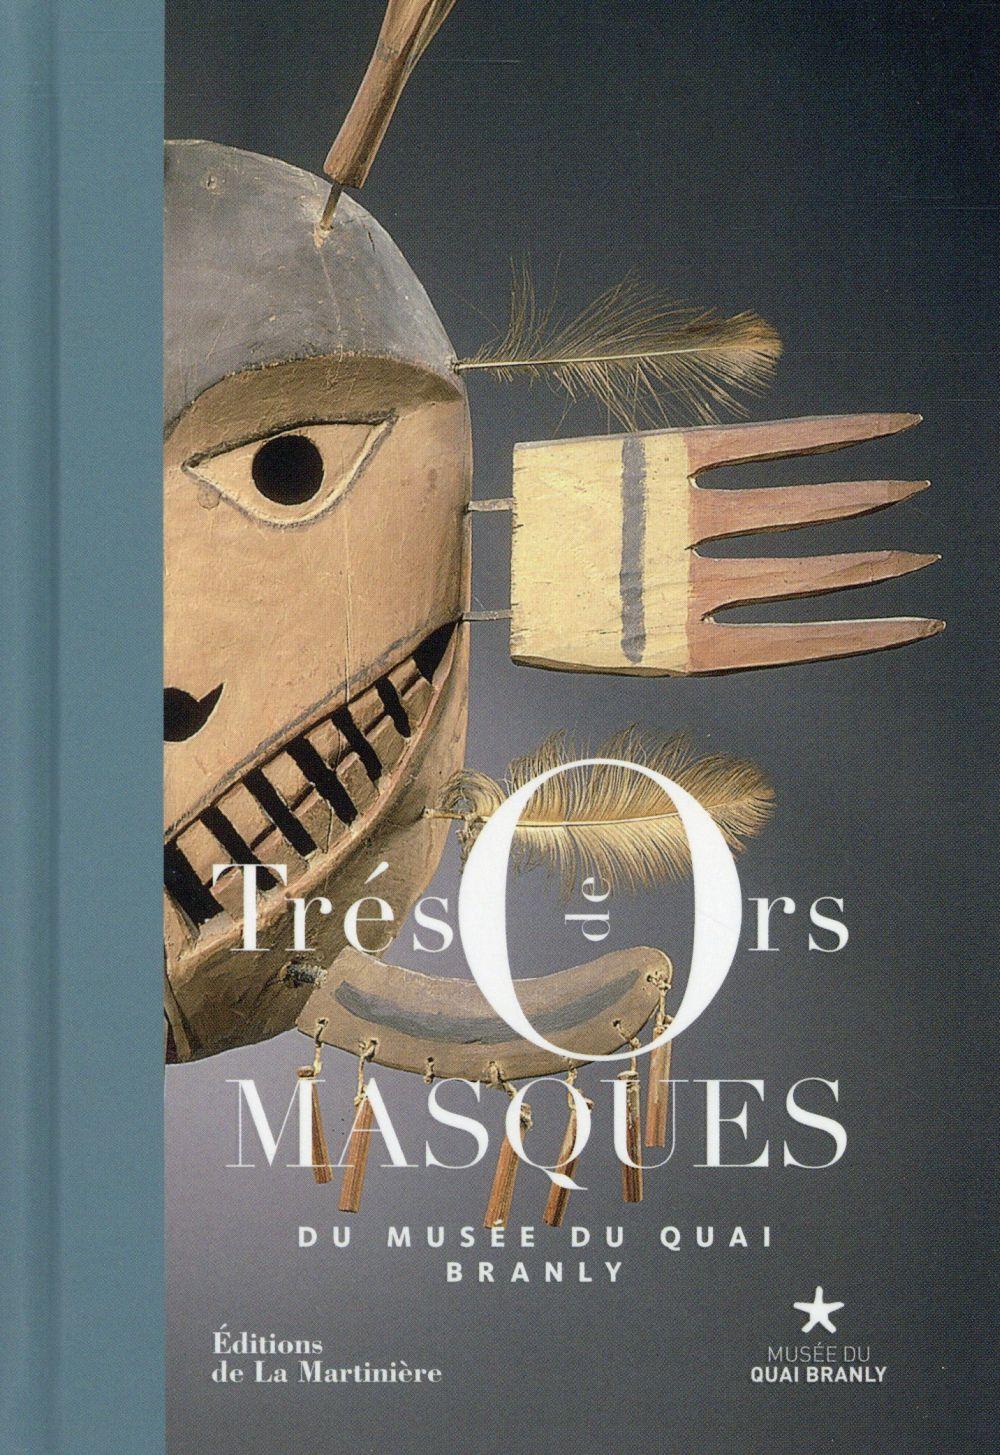 TRESORS DE MASQUES DU MUSEE DU QUAI BRANLY MUSEE DU QUAI BRANLY La Martinière